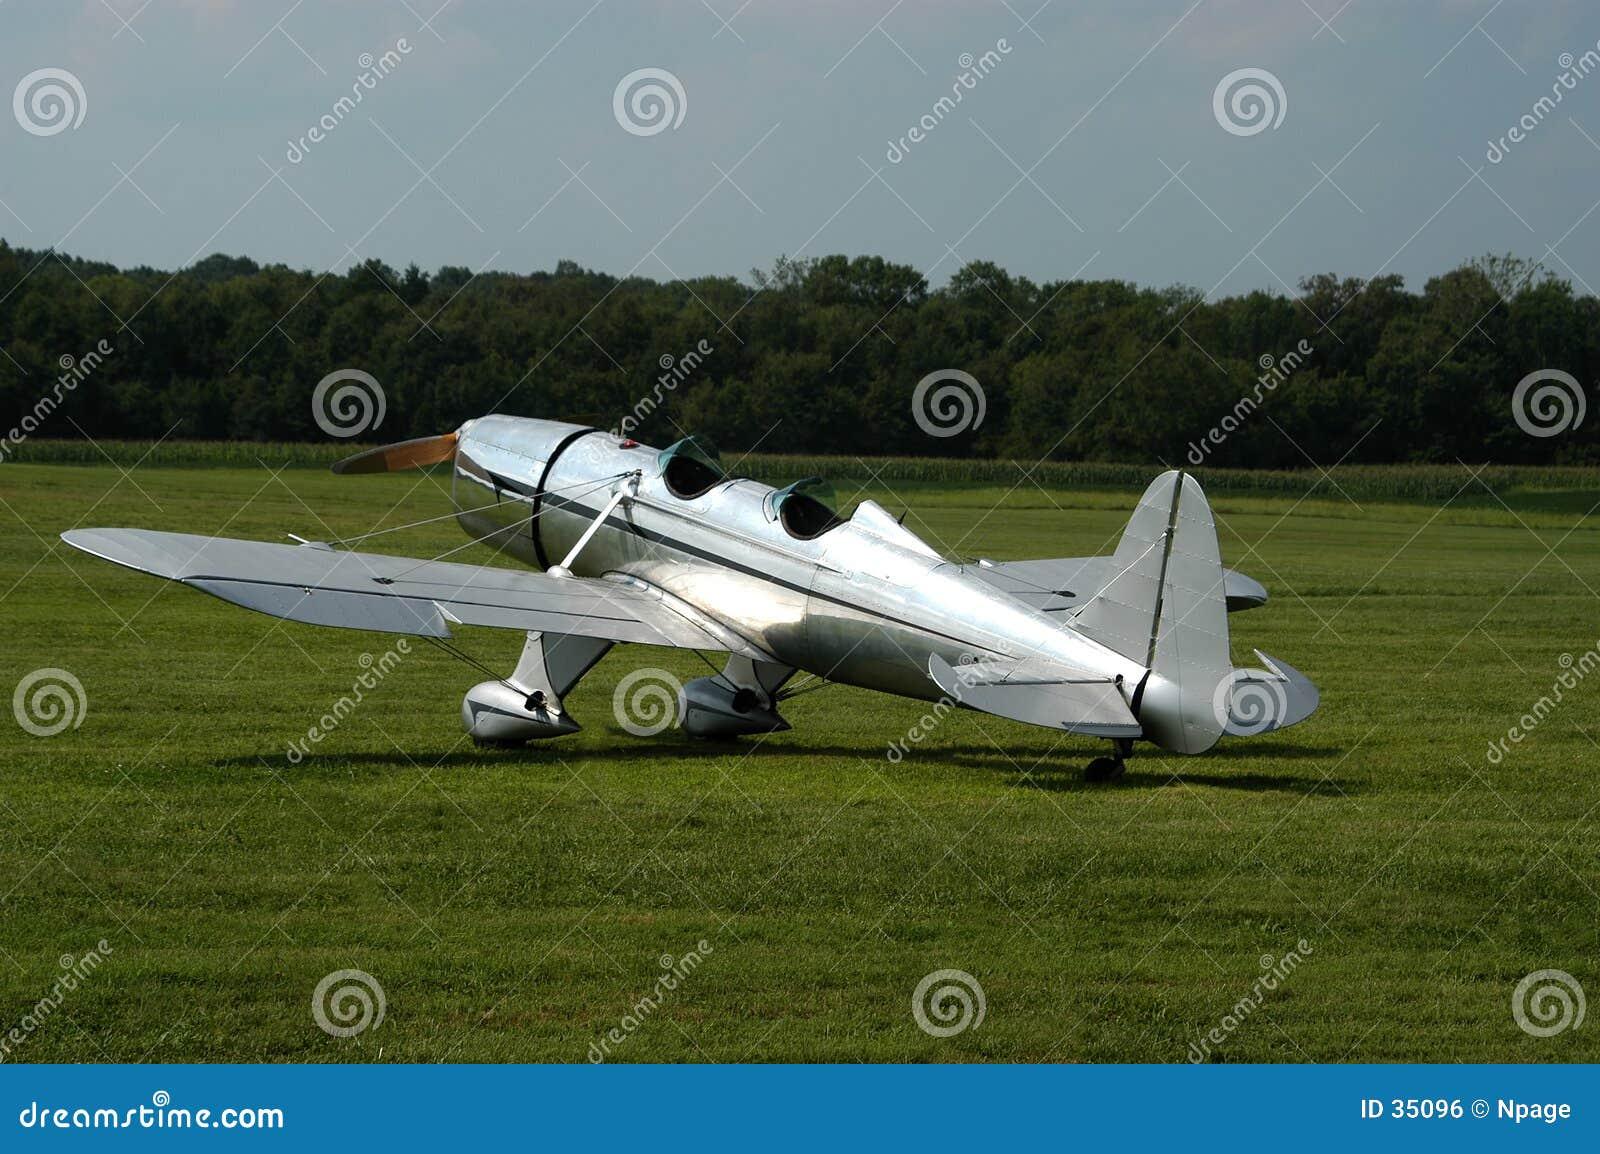 Samolot antyk iii